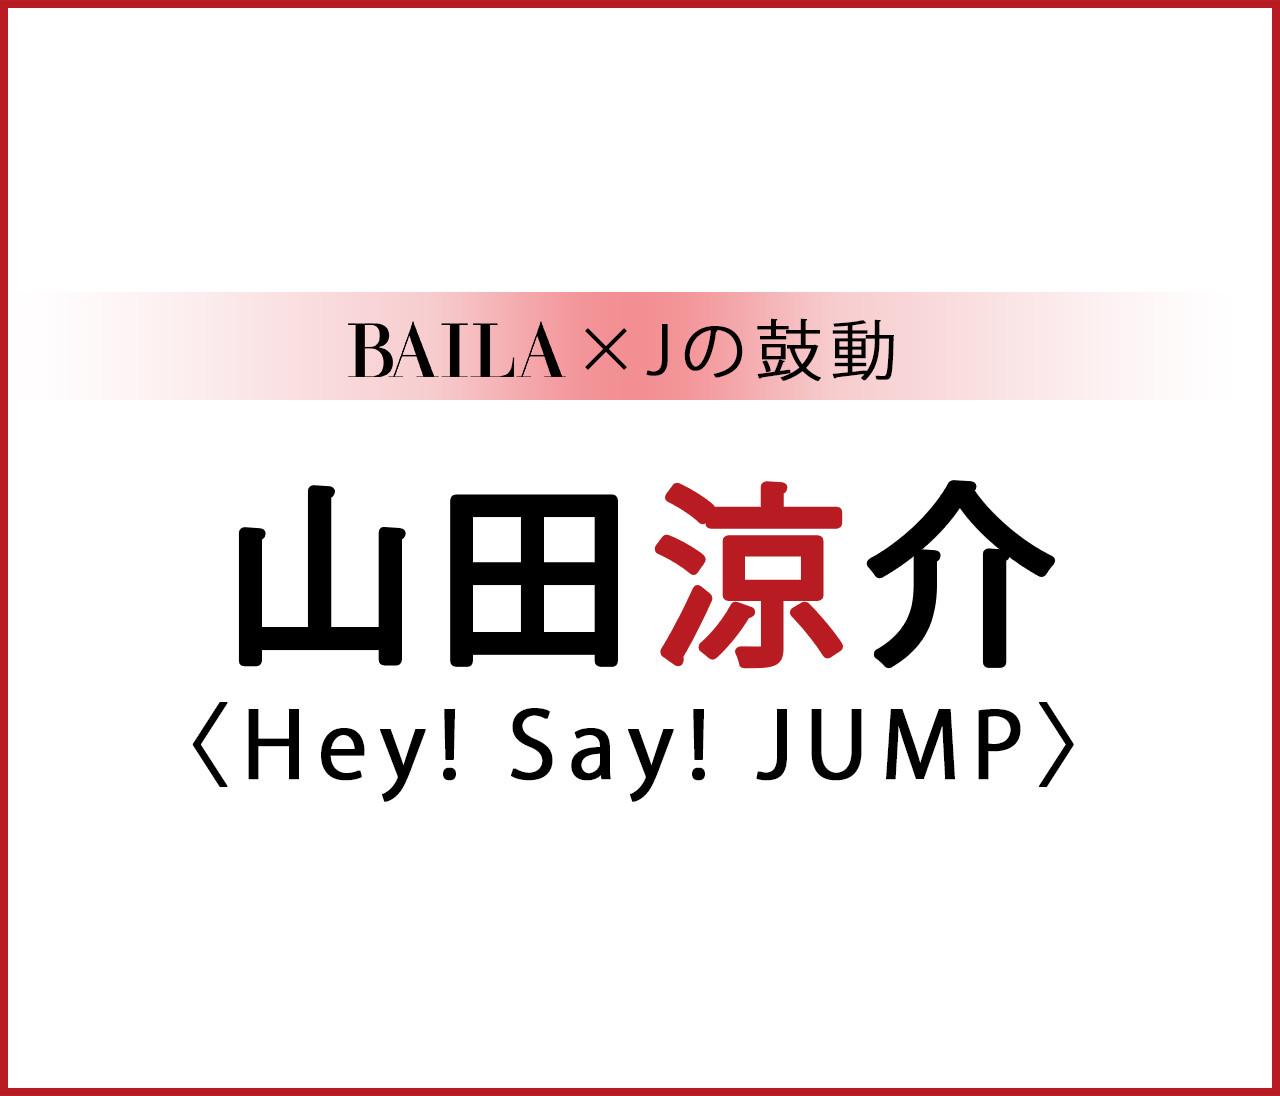 【 #HeySayJUMP #山田涼介 】Hey! Say! JUMP 山田涼介スペシャルインタビュー!【BAILA × Jの鼓動】